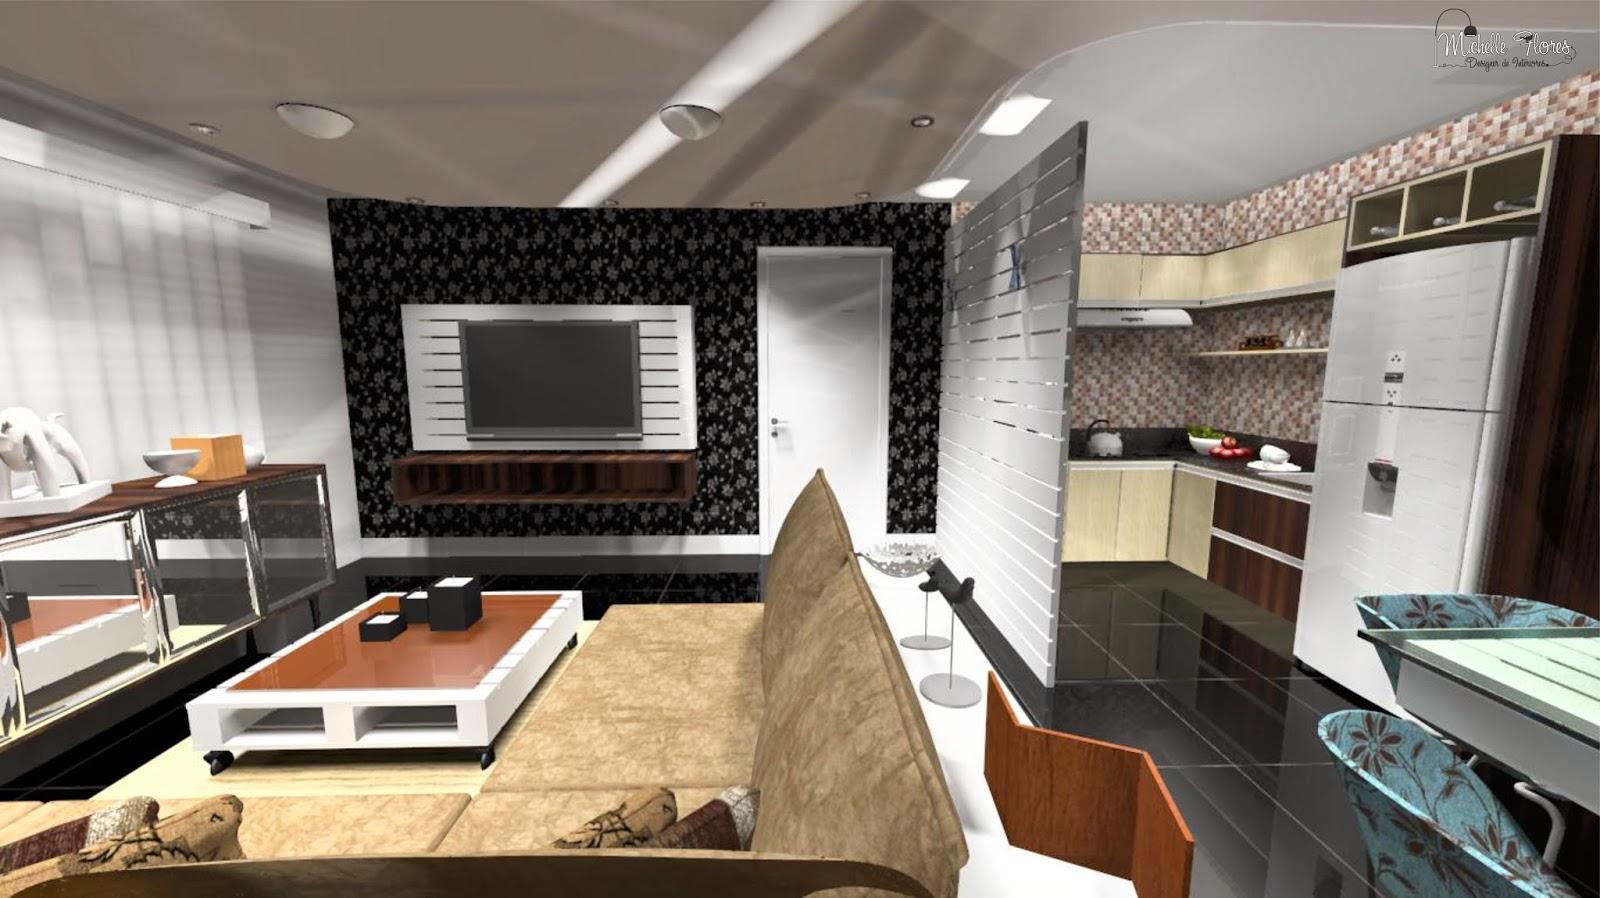 Diviso De Sala E Cozinha Outra Ideia Que Pode Diferenciar A Cozinha  -> Divisor Sala E Cozinha